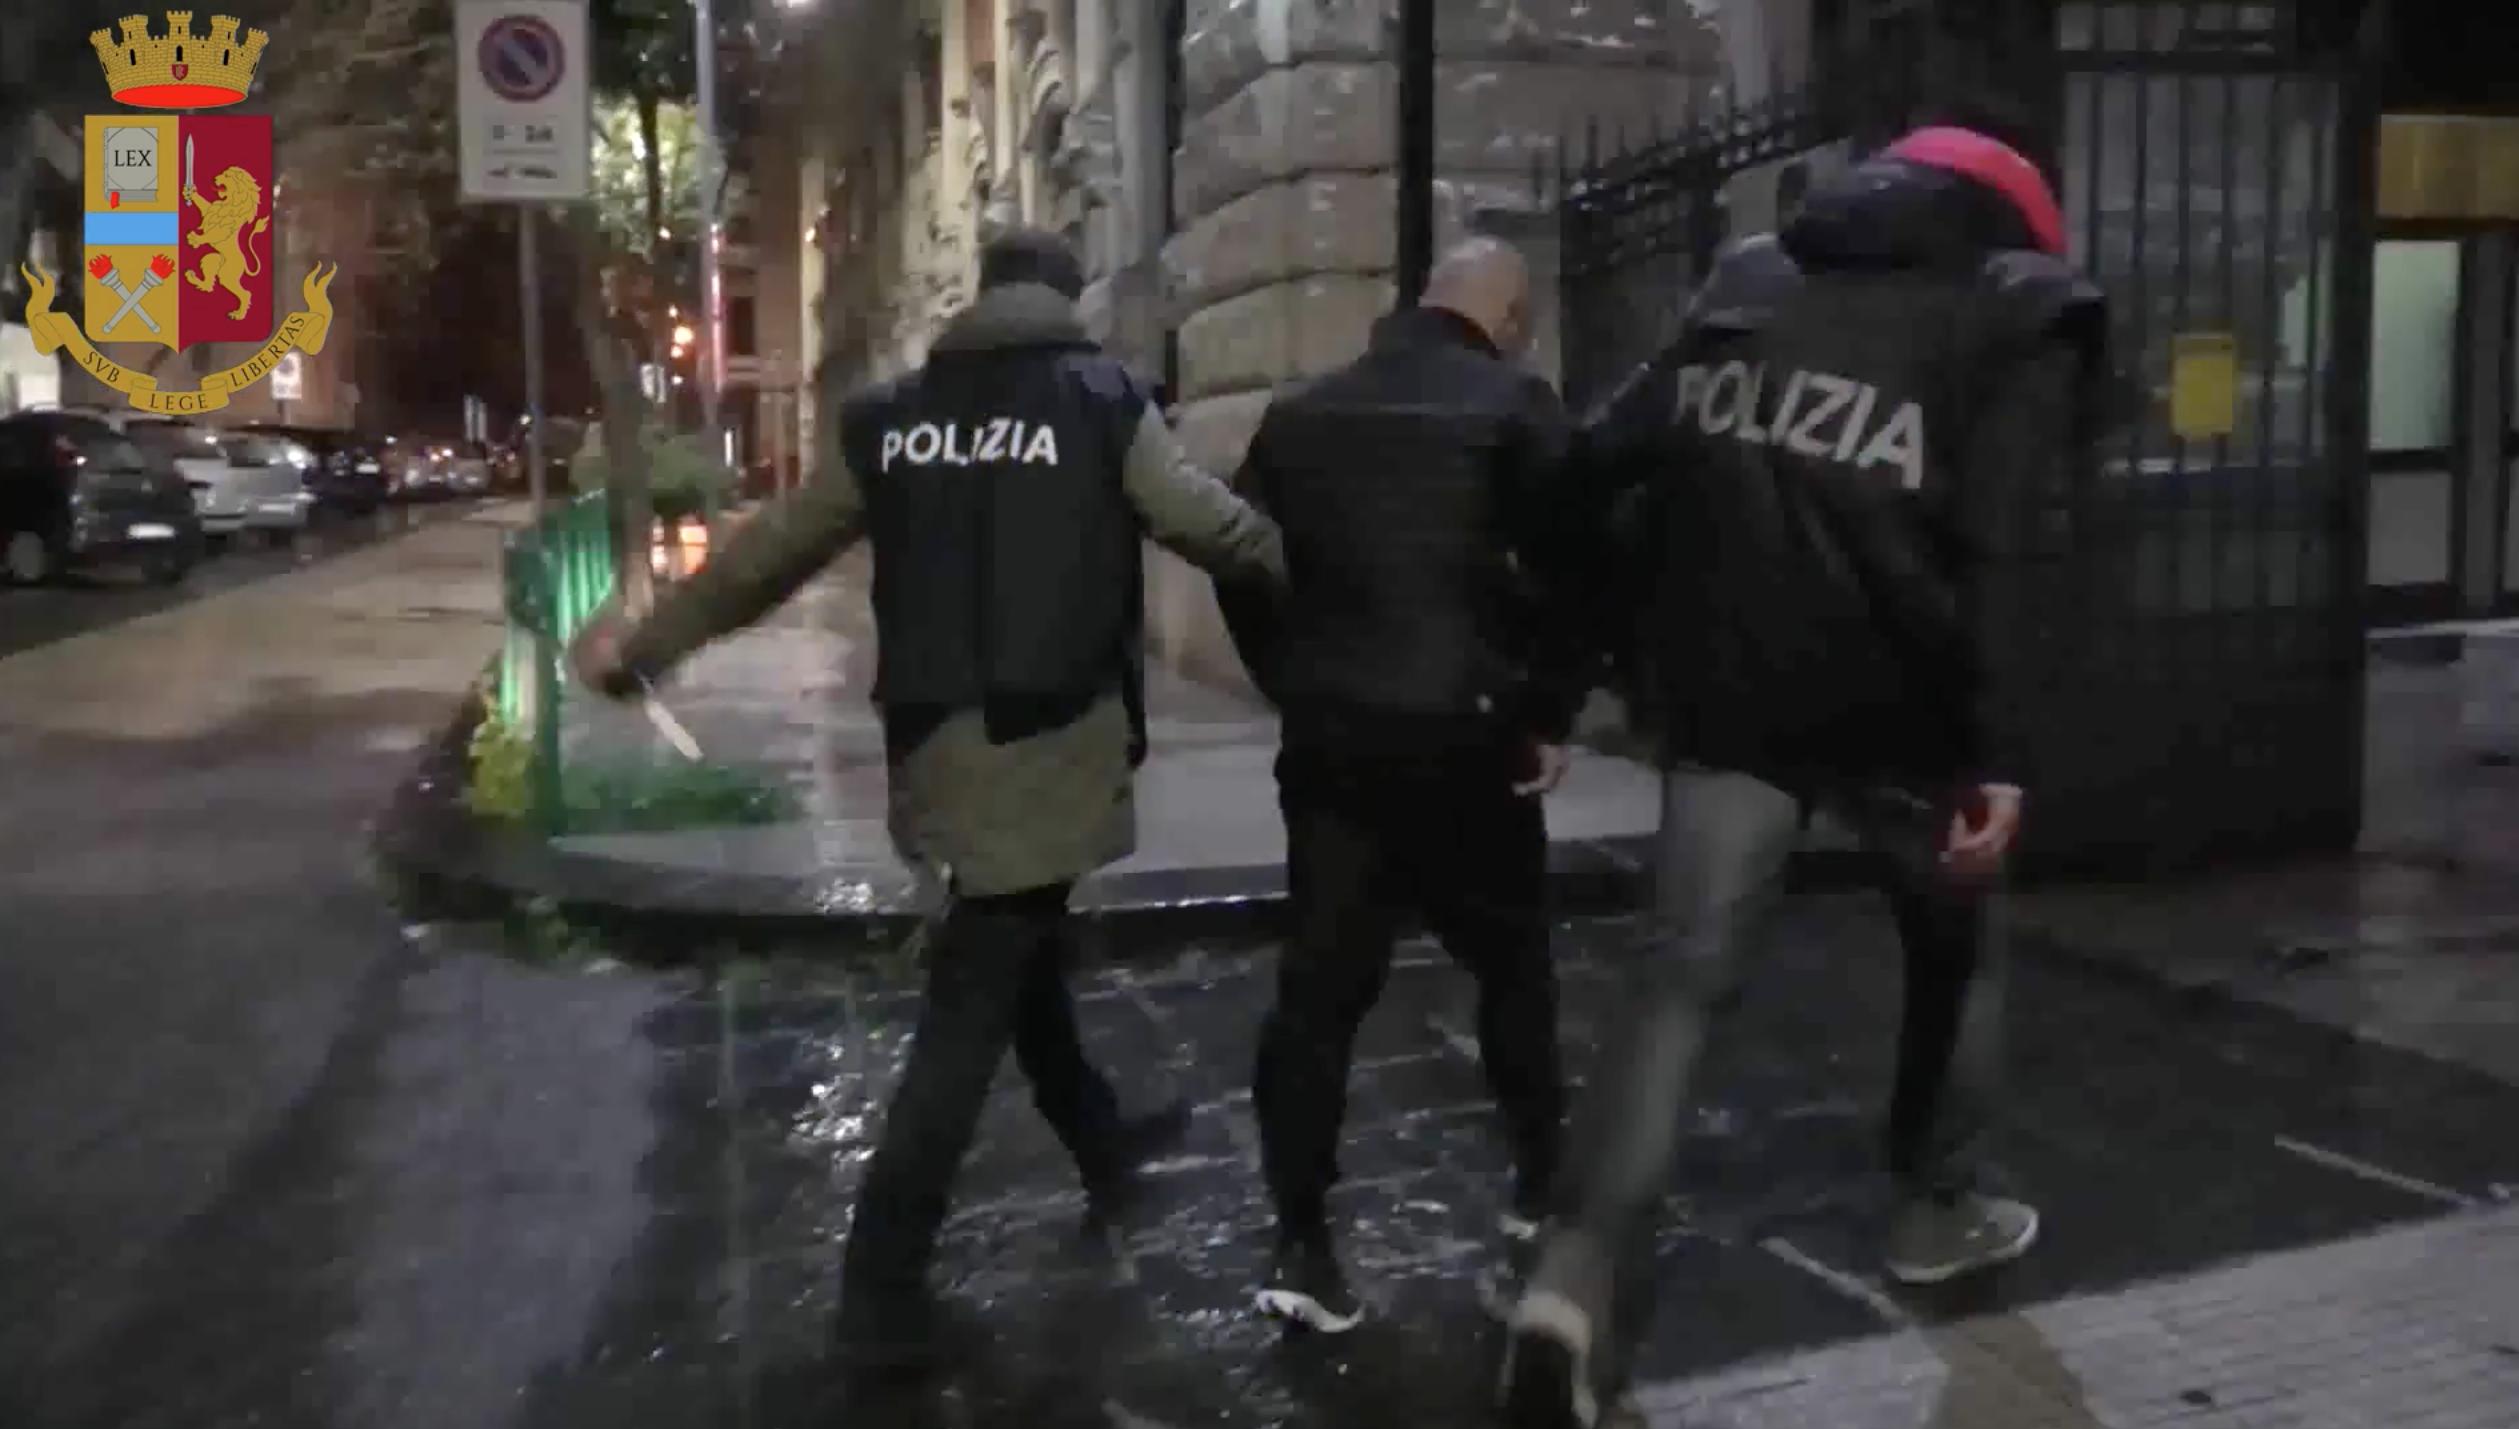 Ingegnere Civile A Messina lavori pubblici e mazzette a messina, 11 arresti: c'era